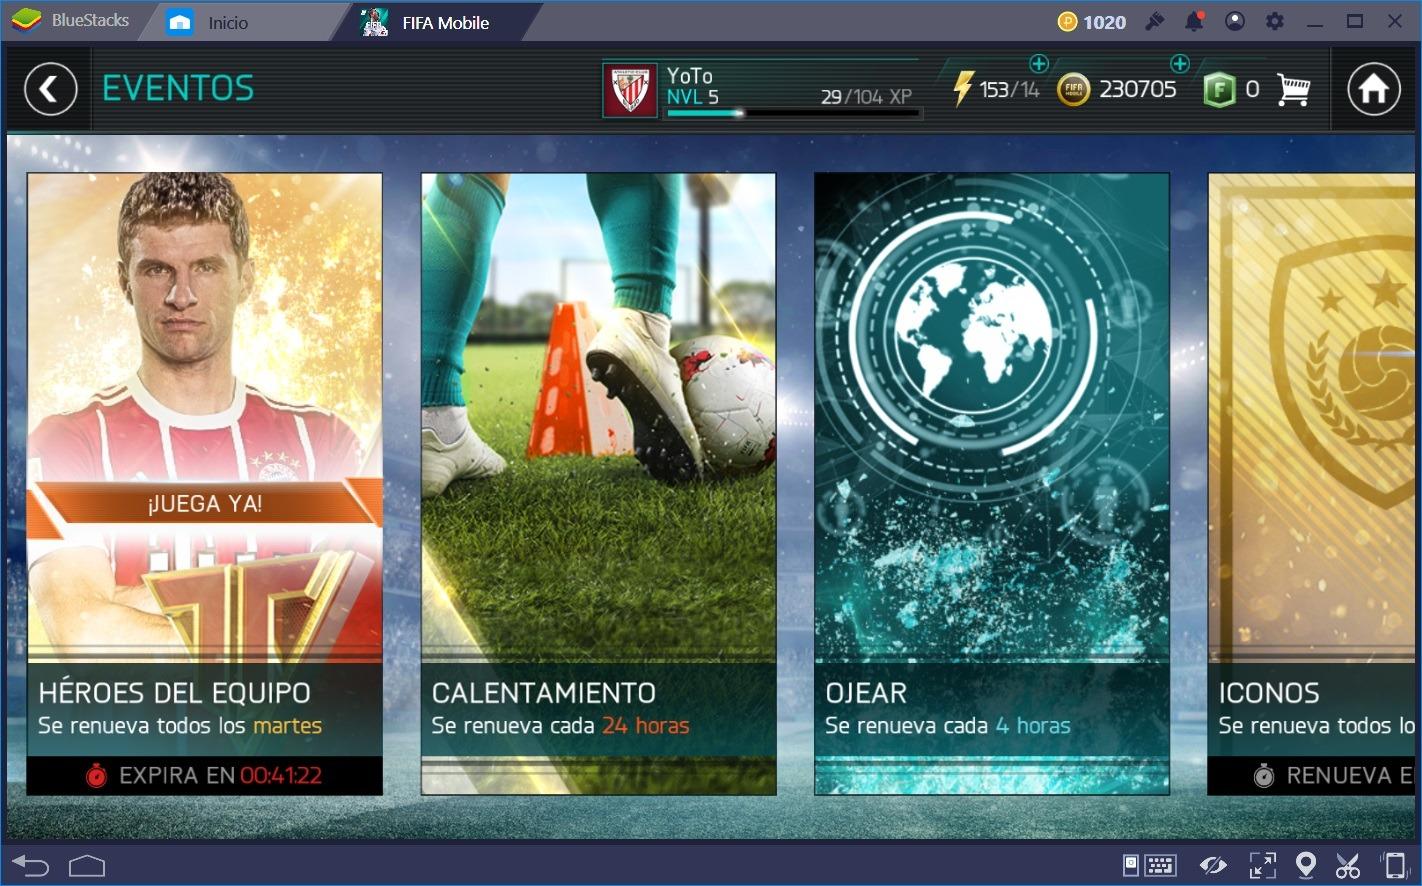 Cómo Hacer Dinero Rápido en FIFA Fútbol: FIFA World Cup (FIFA Mobile)